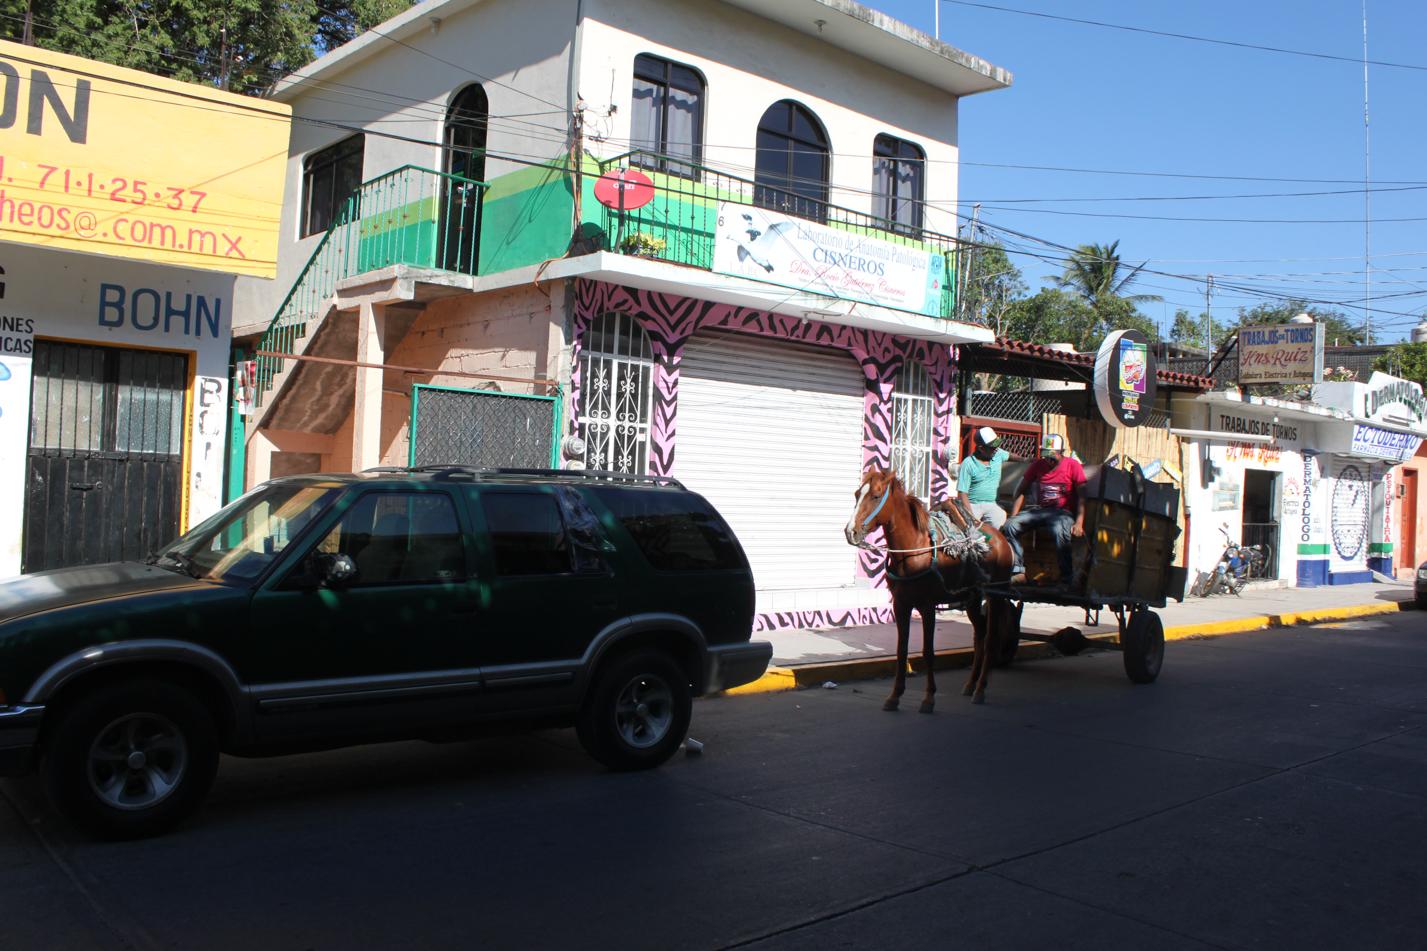 Im Stadtbild von Juchitán de Zaragoza sind neben übertrieben vielen Tuk - Tuks auch Pferdekarren im Stadtbild fest verankert